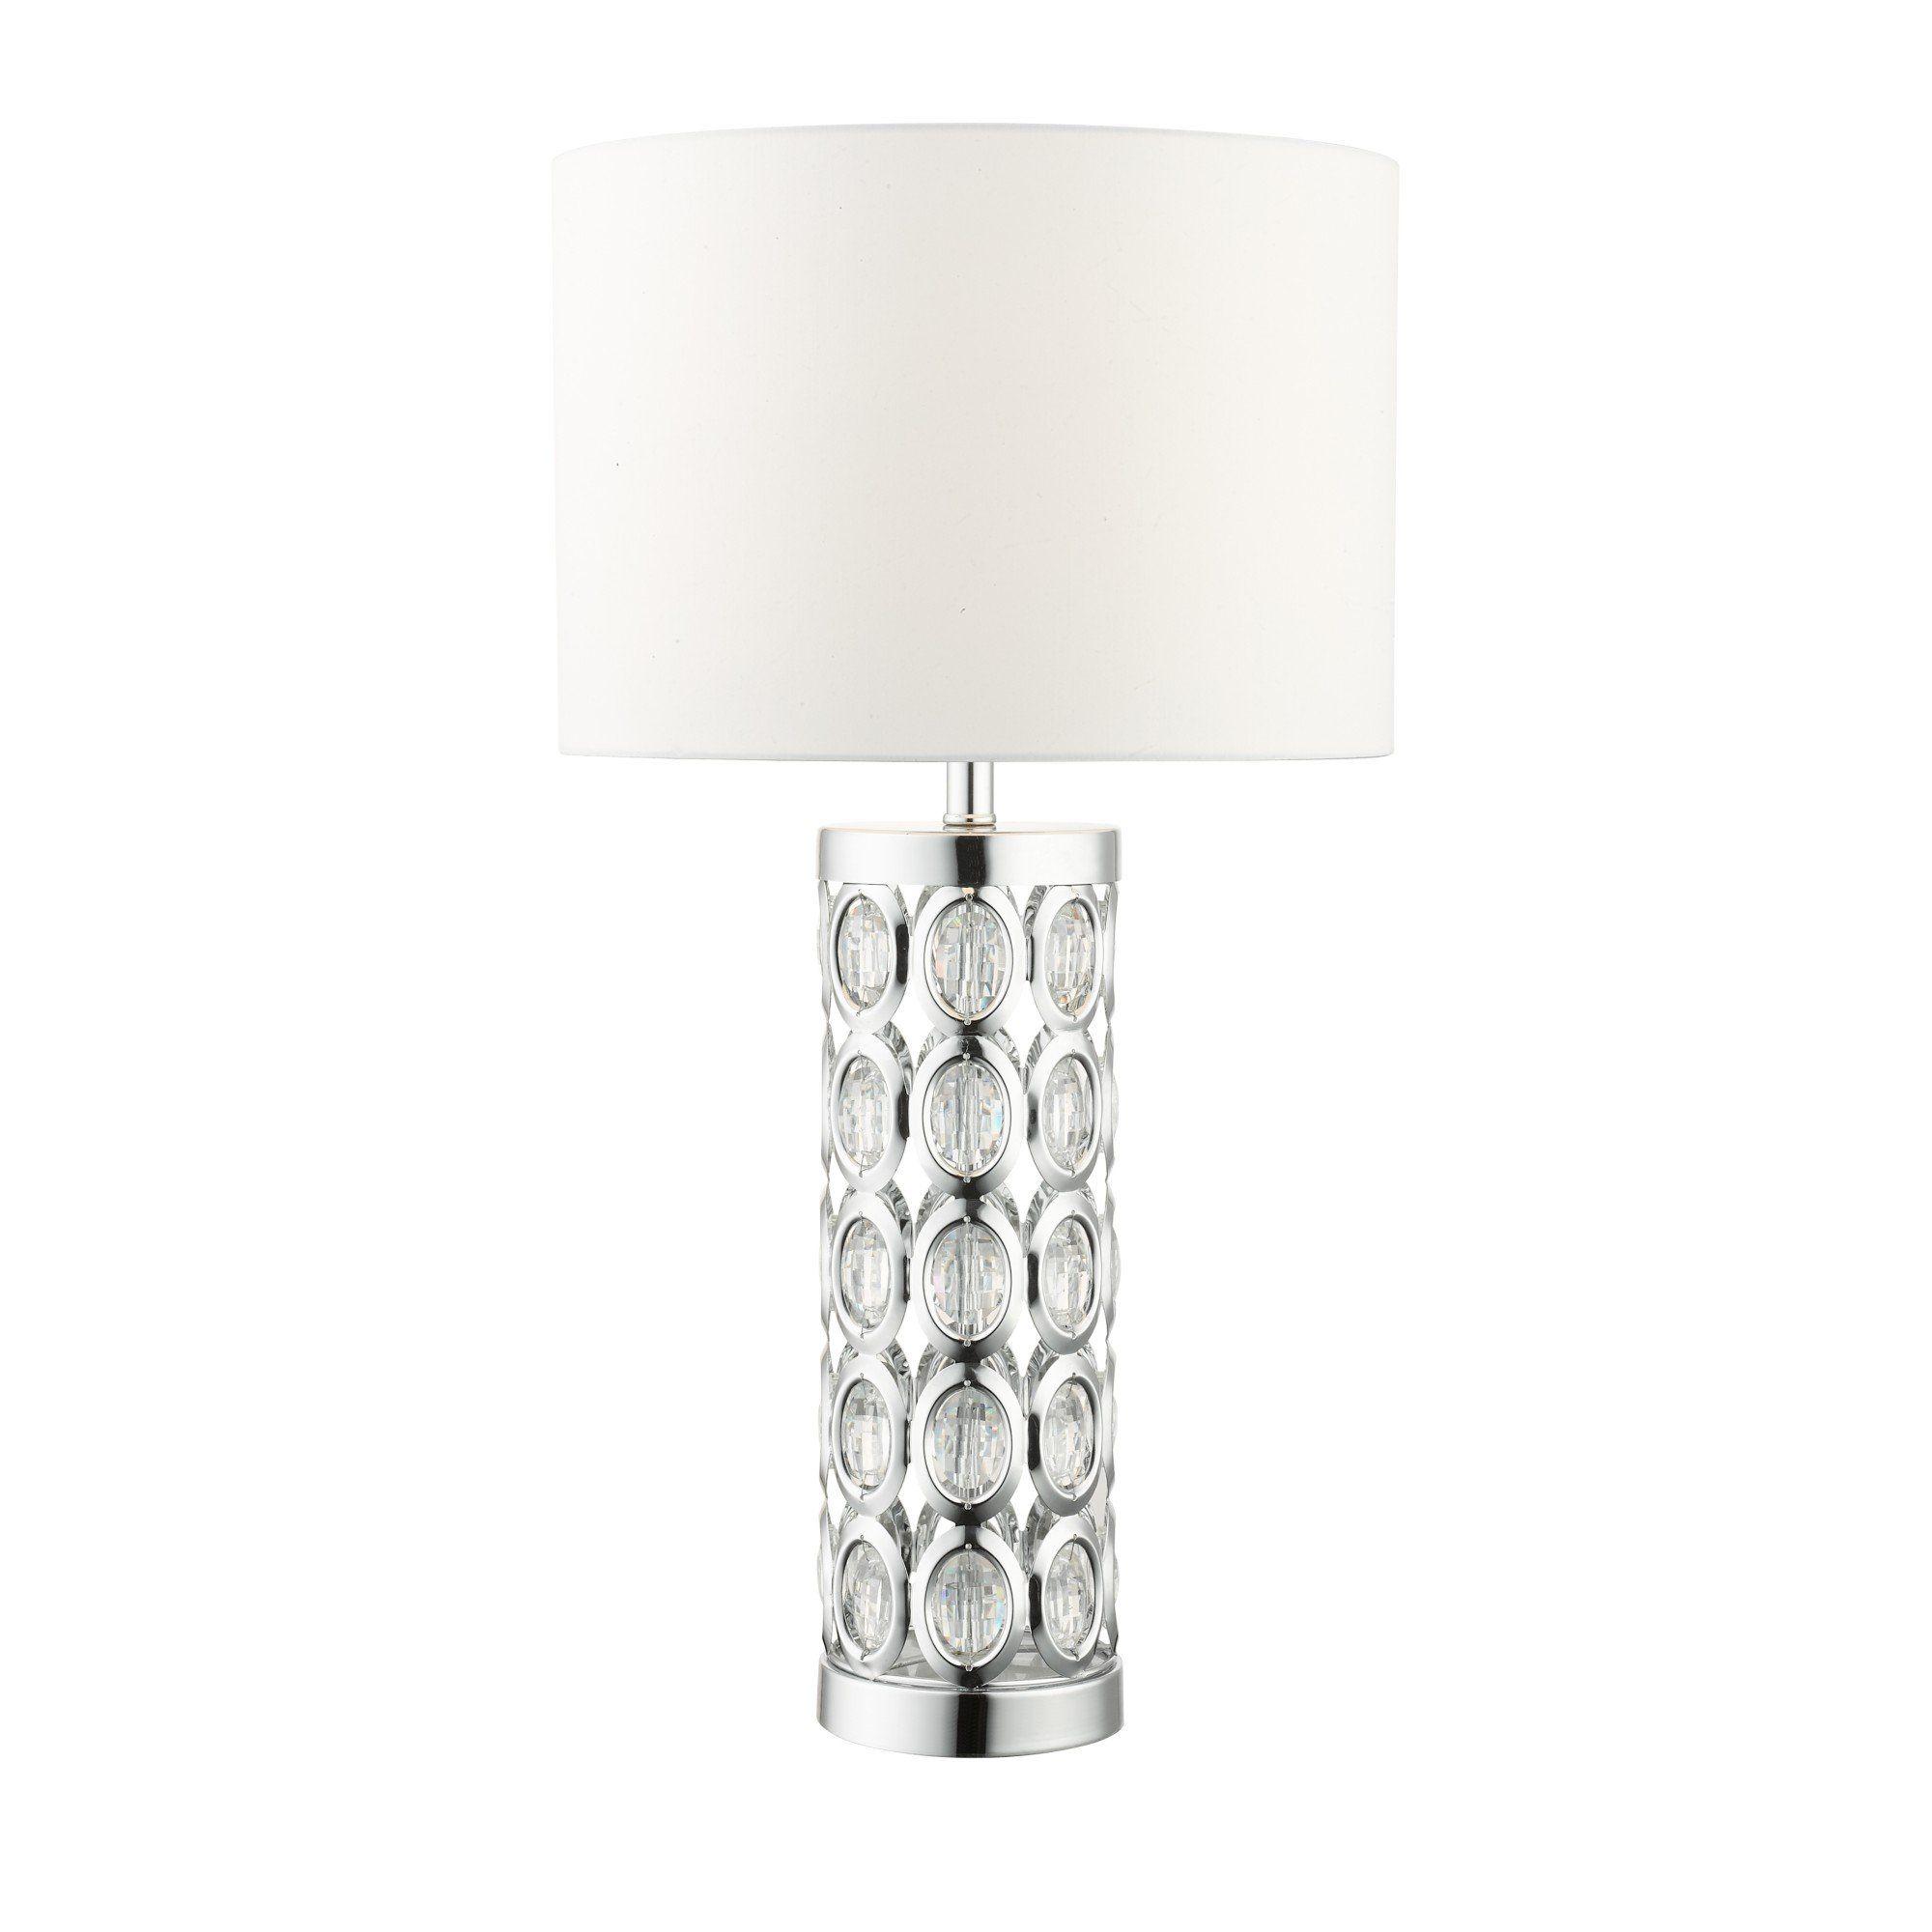 Morena 61cm Polished Chrome Table Lamp